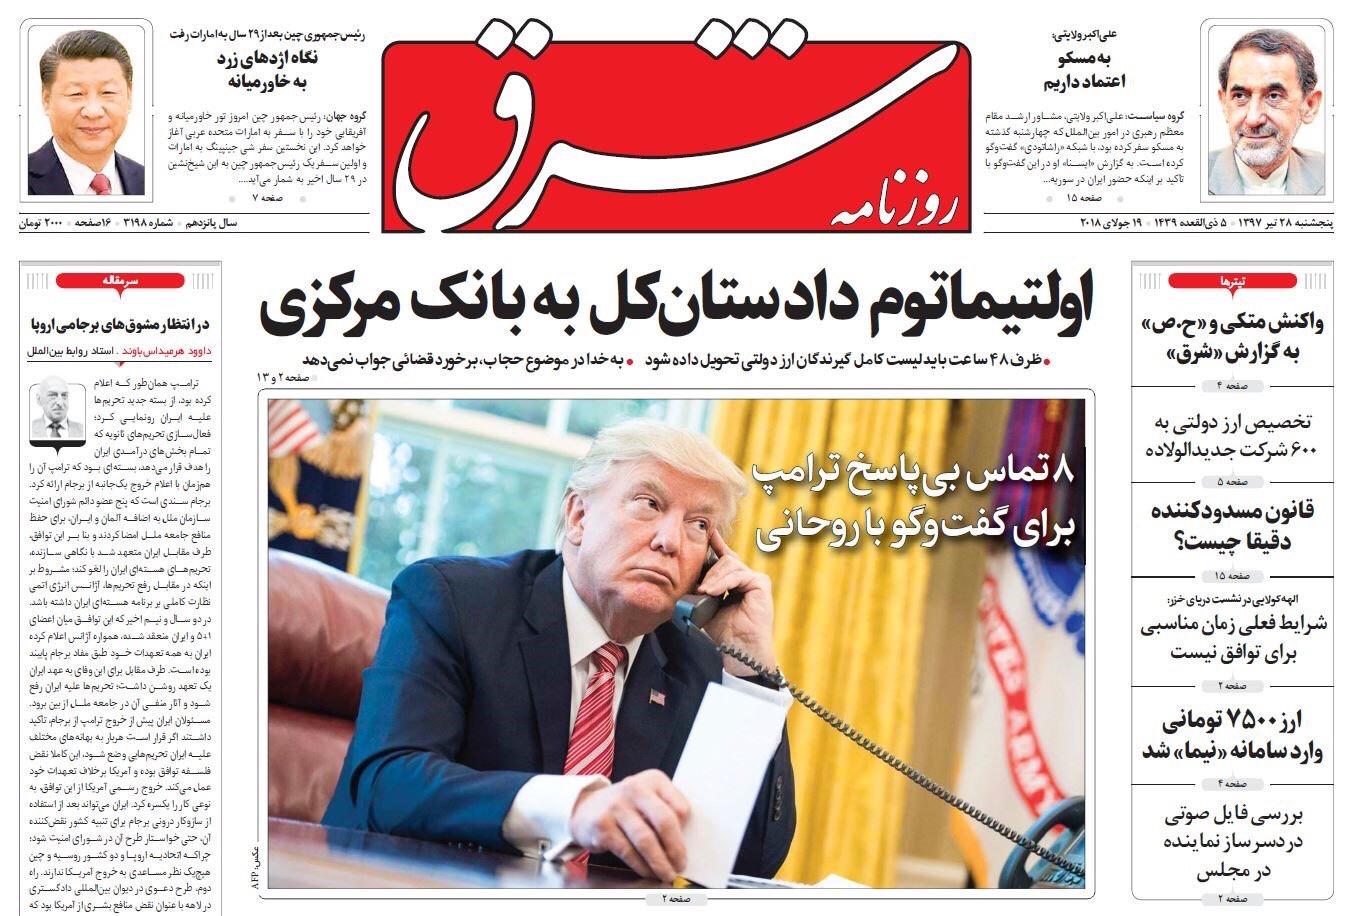 مانشيت طهران: خديعة الاستثمارات الأوروبية وحكومة روحاني في طور الترتيب الداخلي 6